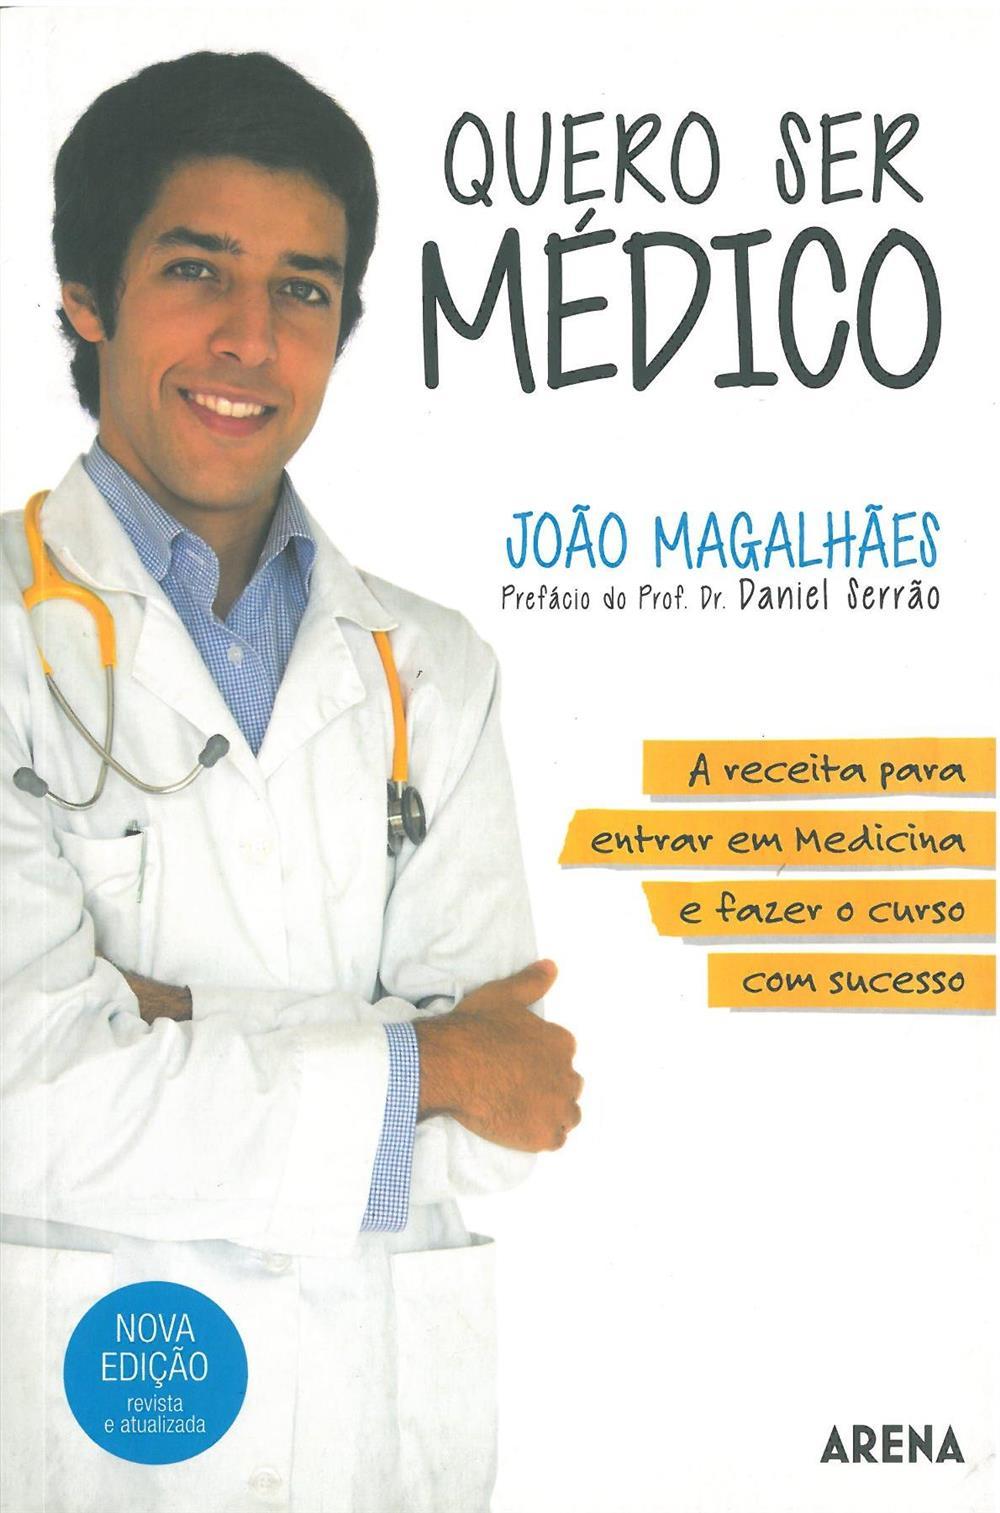 Quero ser médico_.jpg